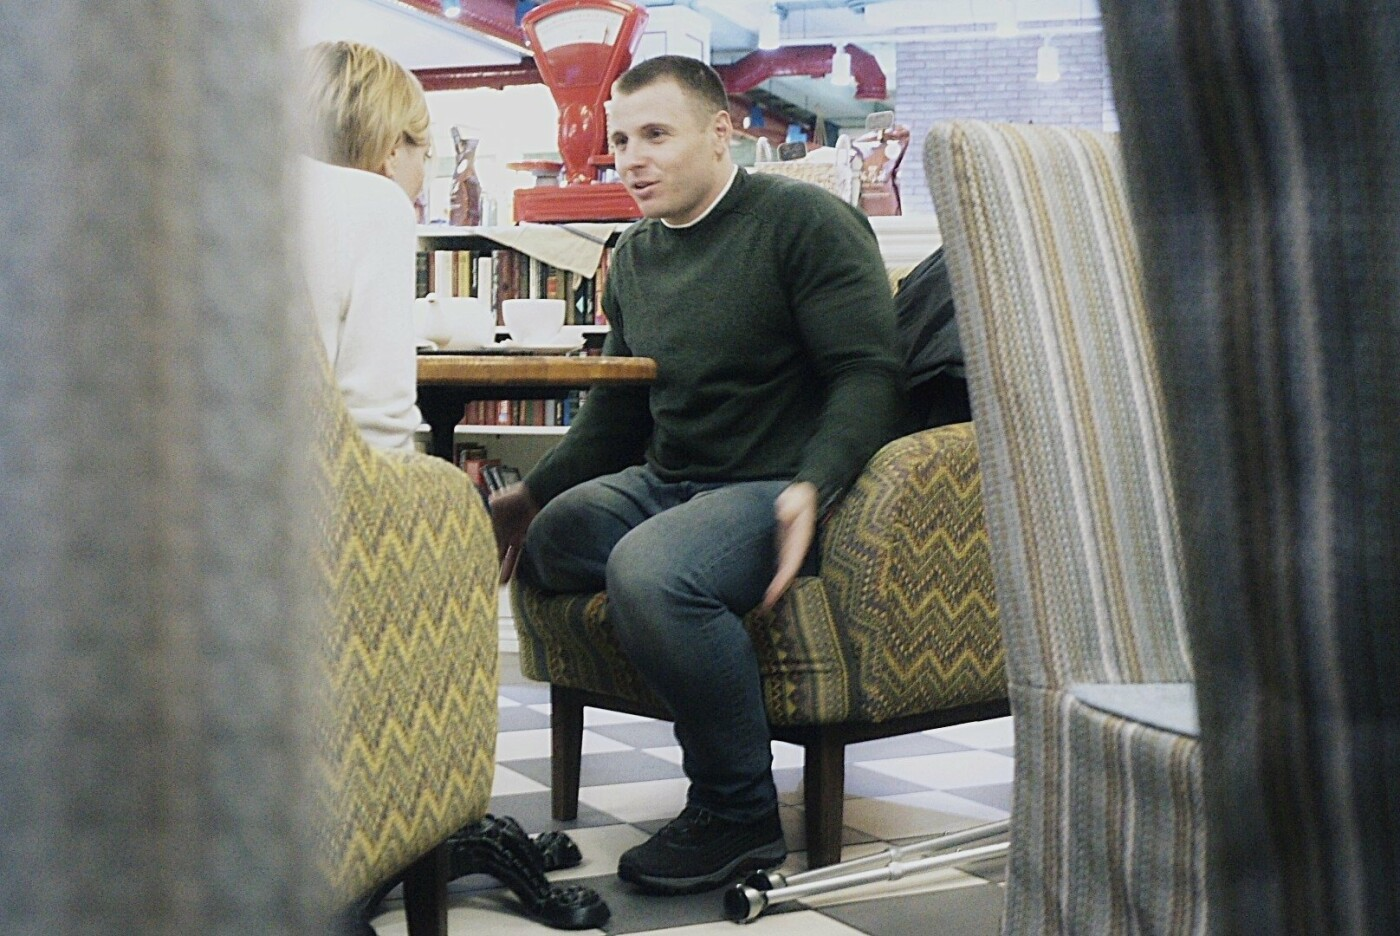 «Я не ограничен». Как живётся спортсмену без ноги в Белгороде, фото-8